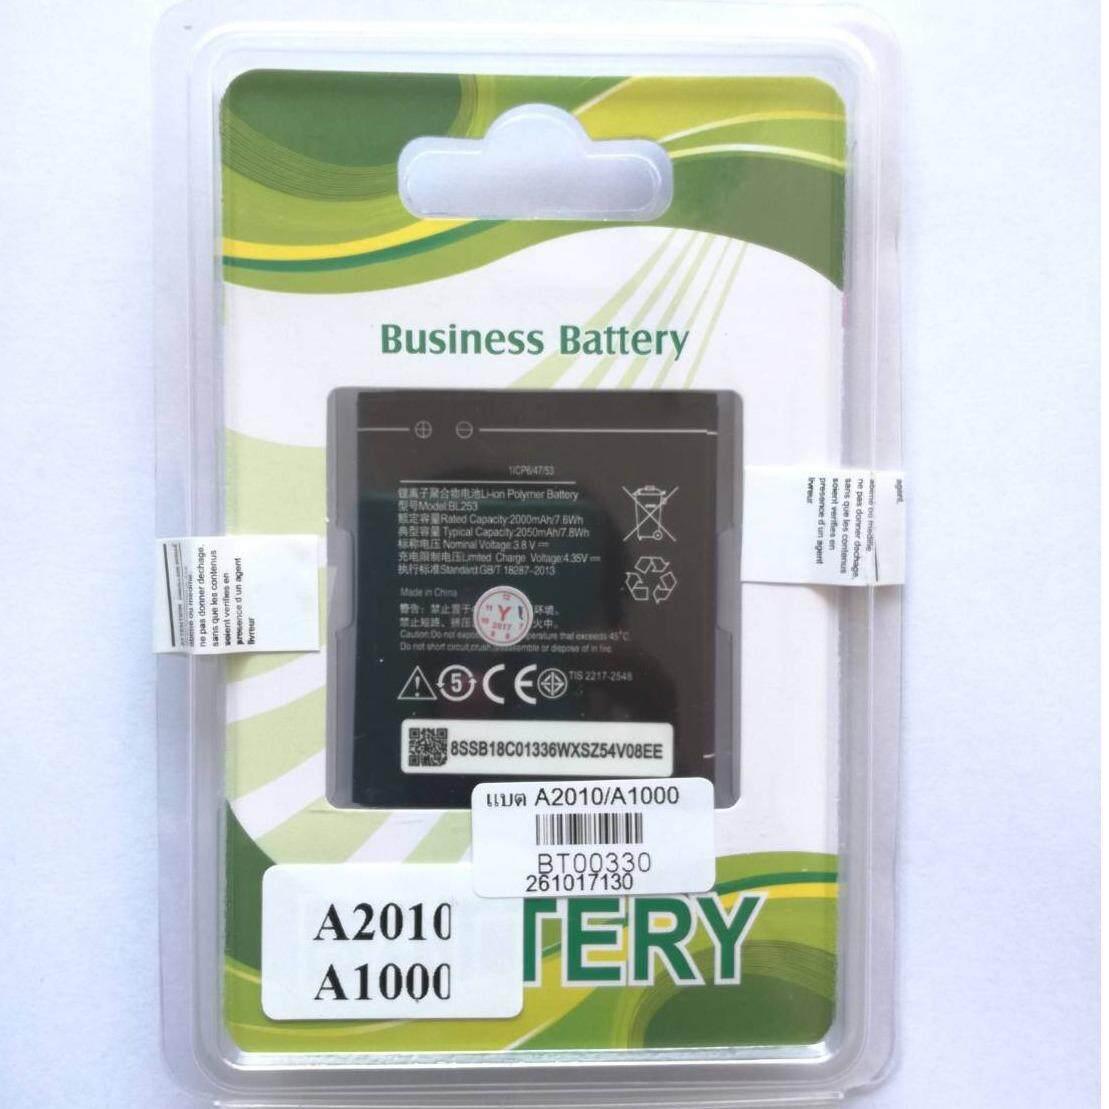 ขาย Lenovo Battery แบตเตอรี่มือถือ Lenovo A1000 A2010 Bl 253 ราคาถูกที่สุด